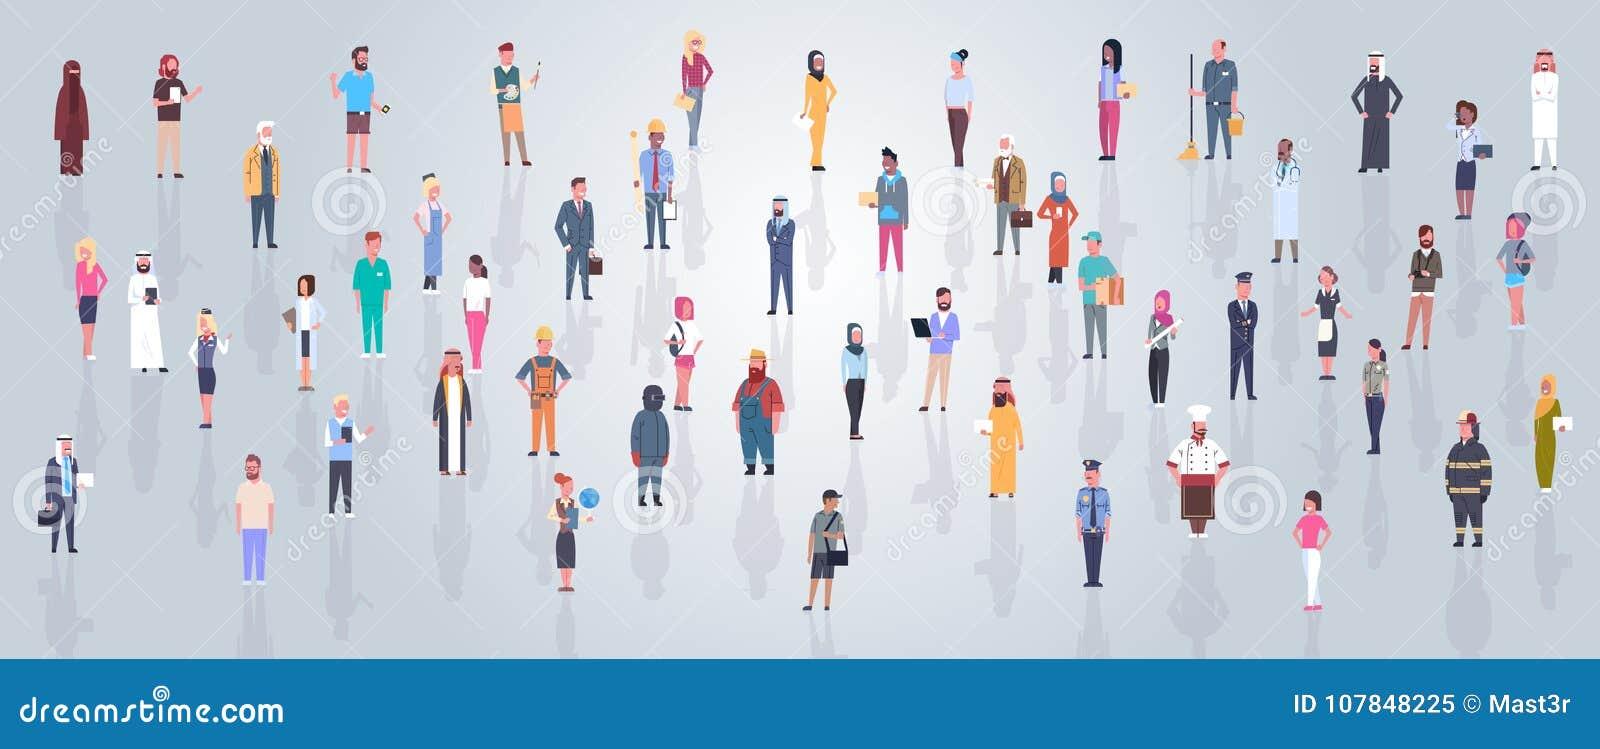 Группа в составе арабские люди нося традиционные одежды полнометражная арабская толпа бизнесмена и женщины, мусульманский мужчина